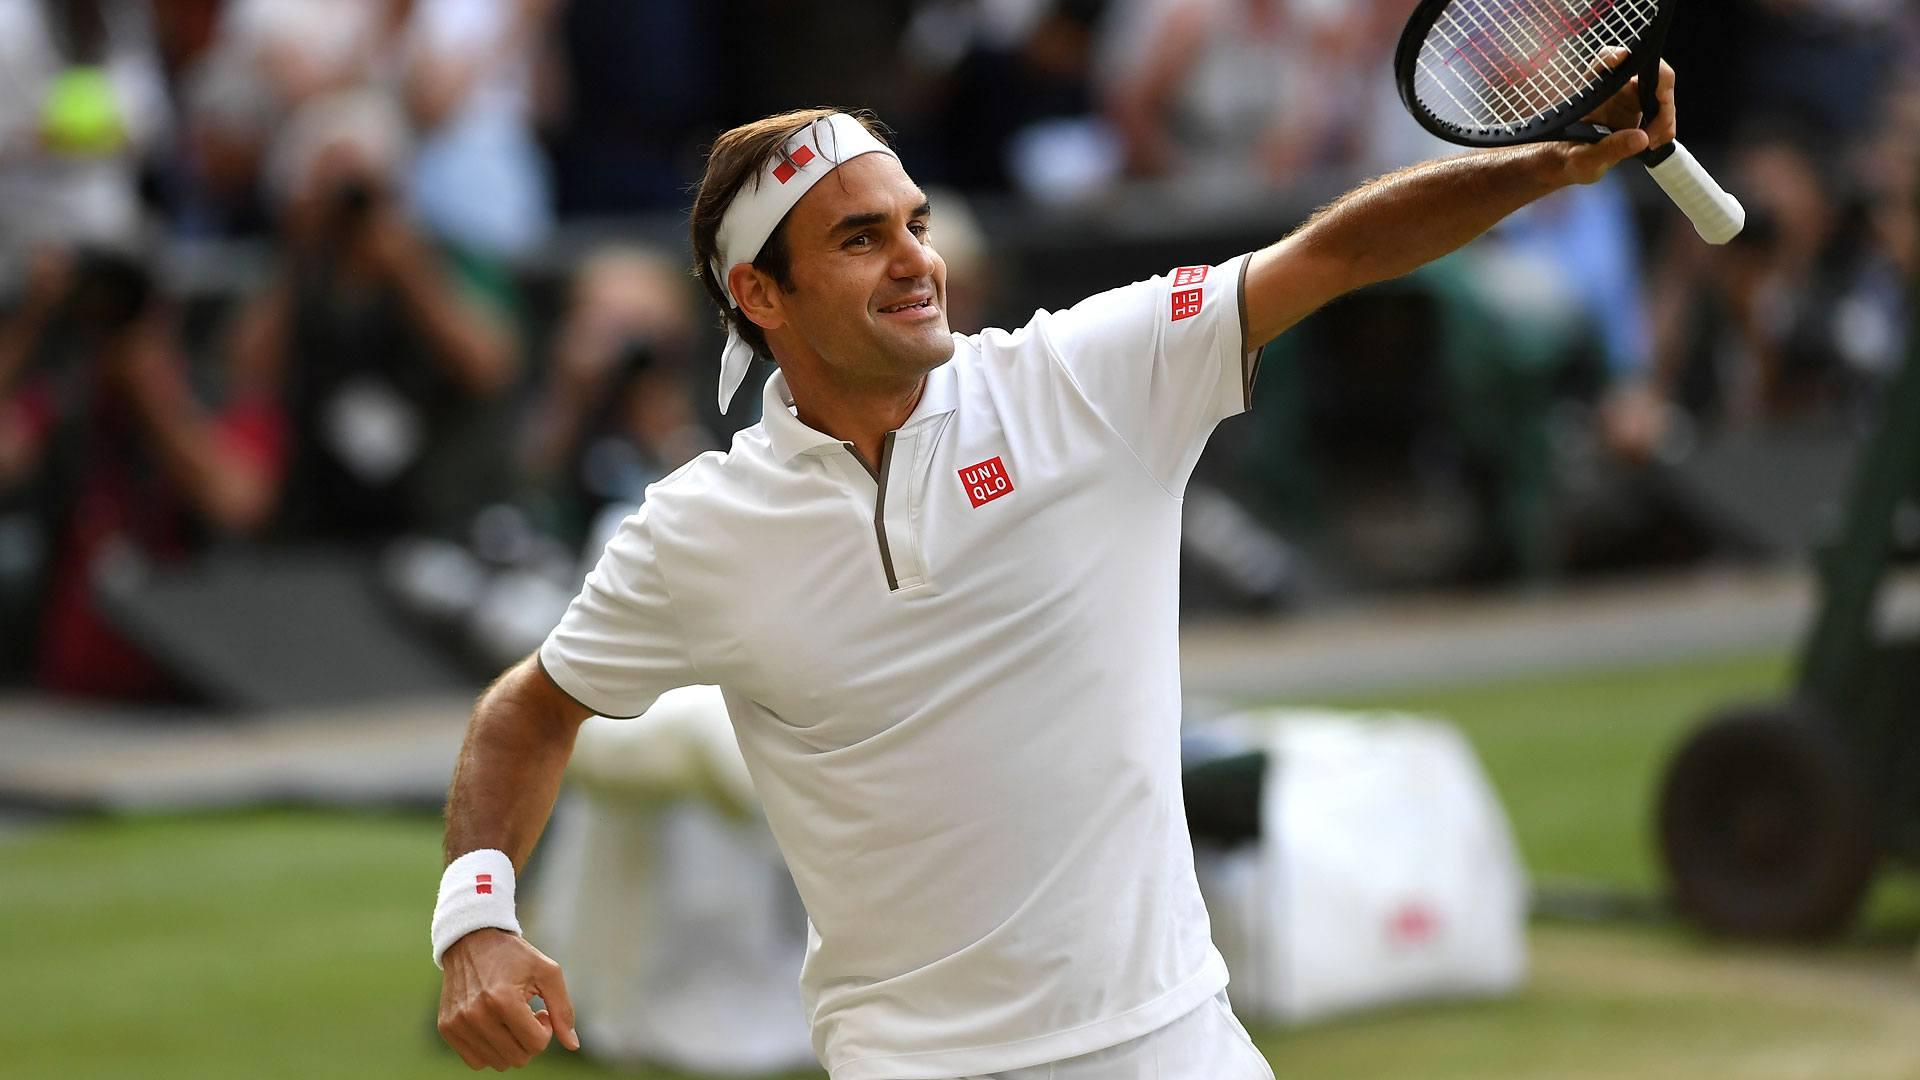 Wimbledon Djokovic Federer